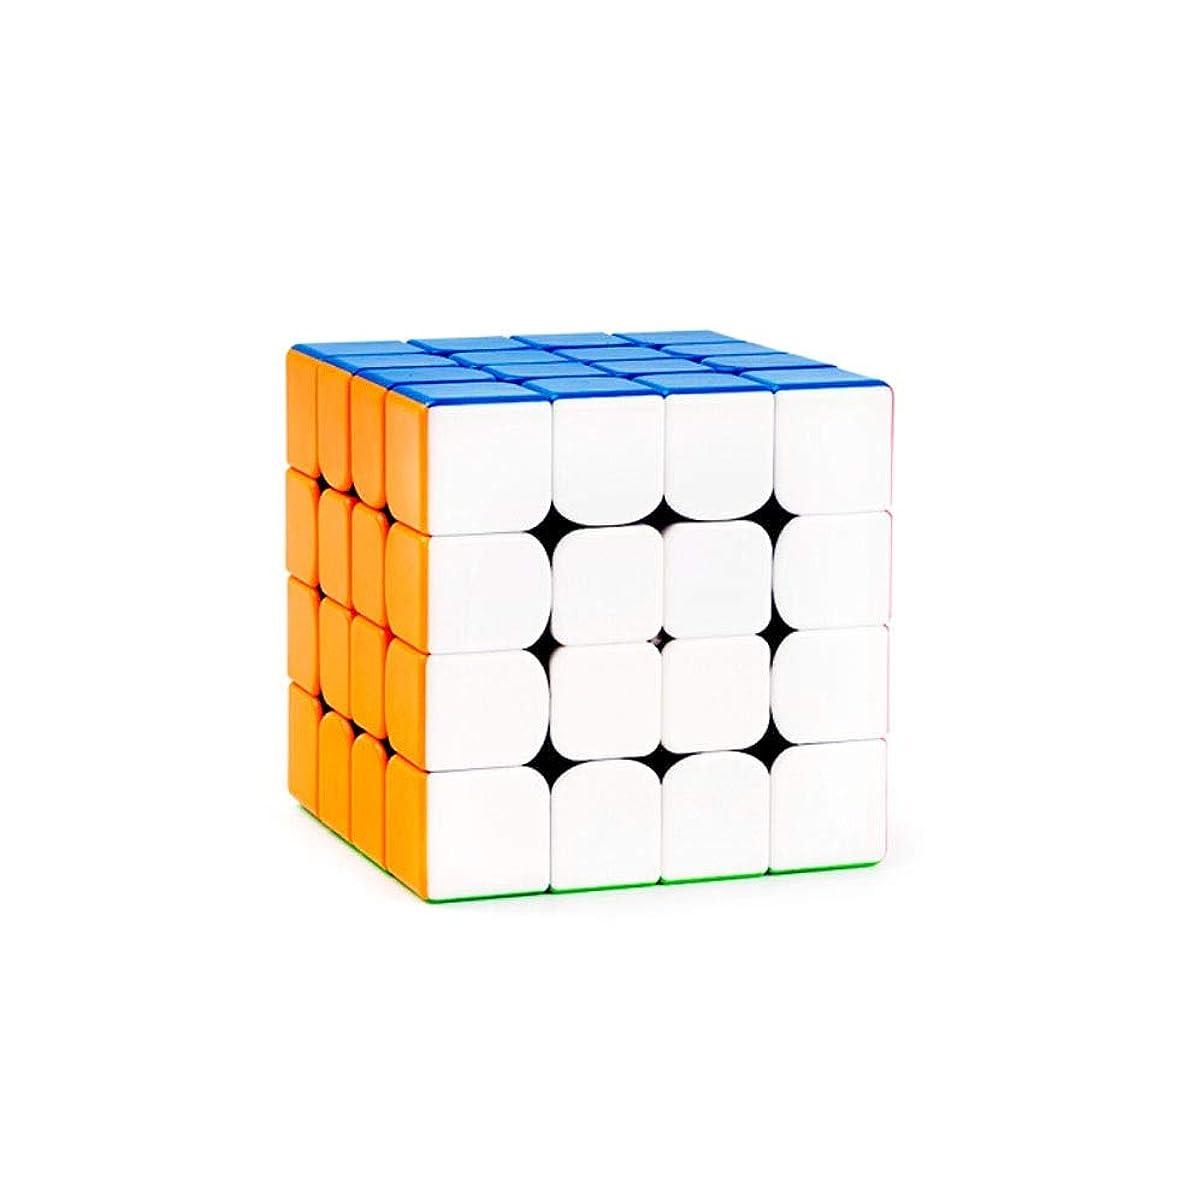 ピュー非常に怒っています予測子Youshangshipin ルービックキューブ、ルービックキューブを平滑化するカラーフルライトパッチバージョン、ゲームのマジックキューブとしても使用可能、快適に使用可能(3次/ 4次) 良い材料 (Edition : Fourth order)